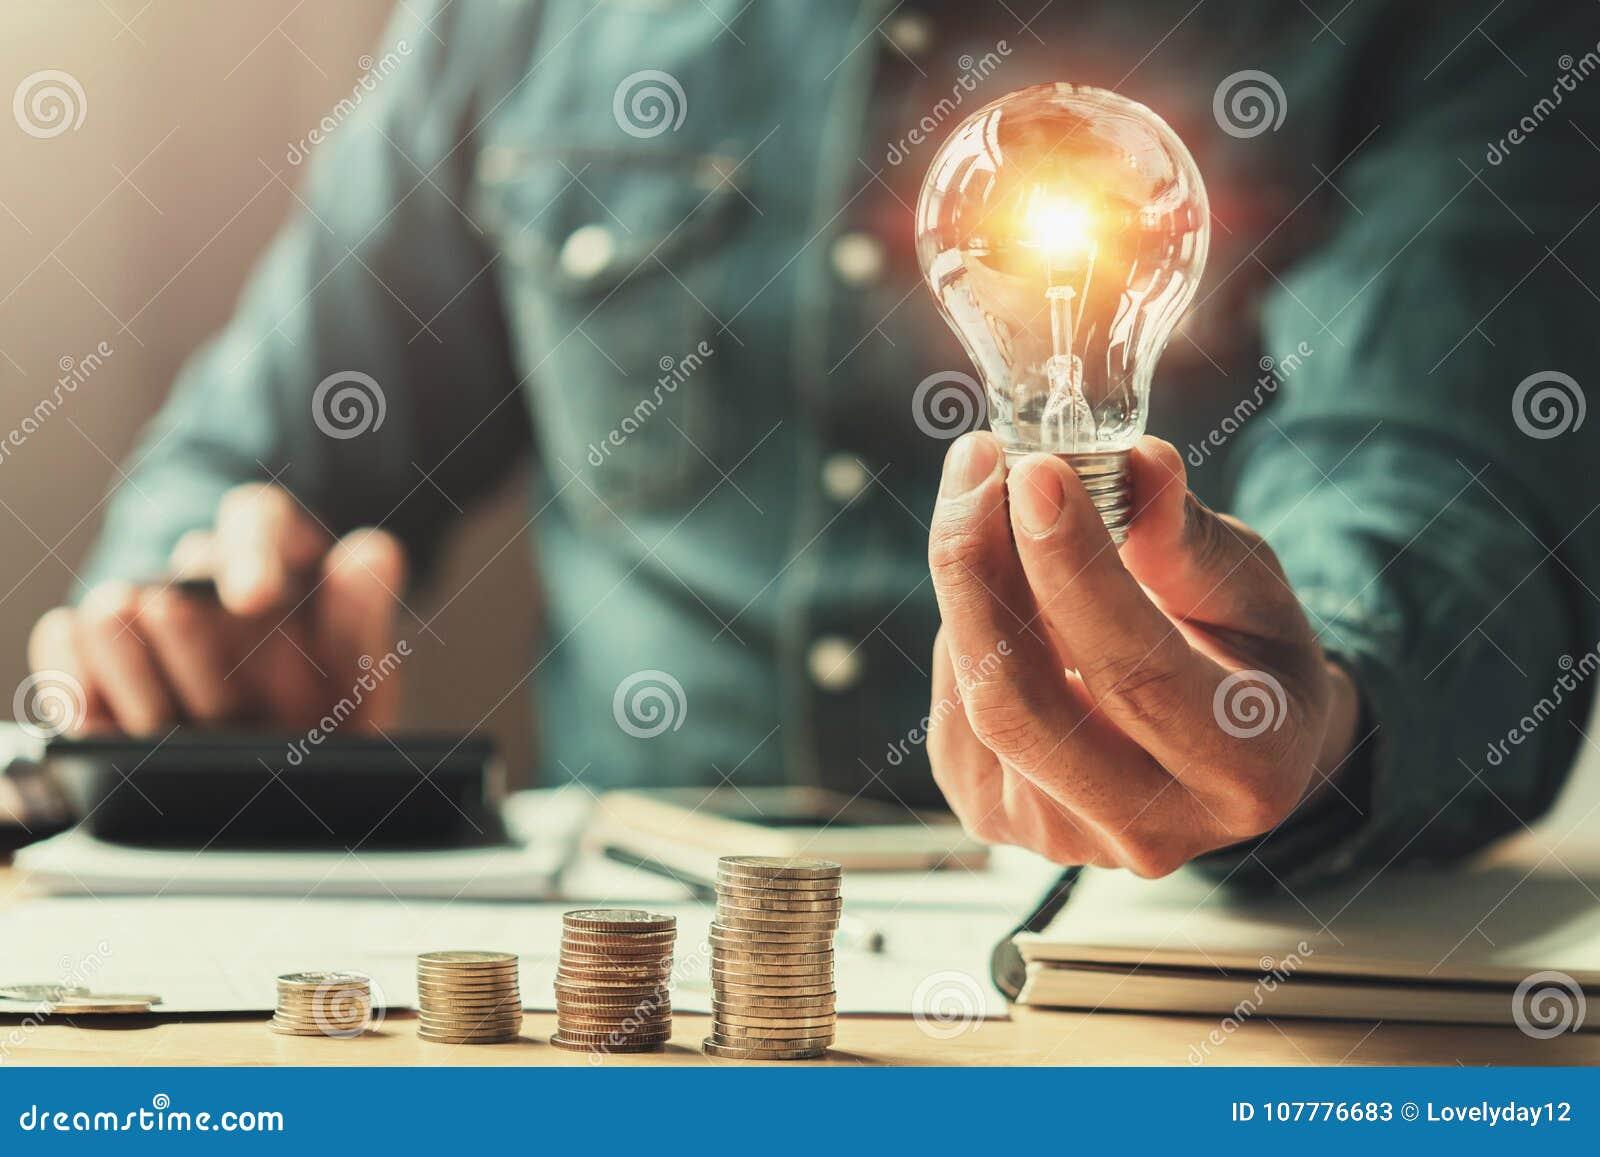 企业财务和挽救力量 新的想法太阳能